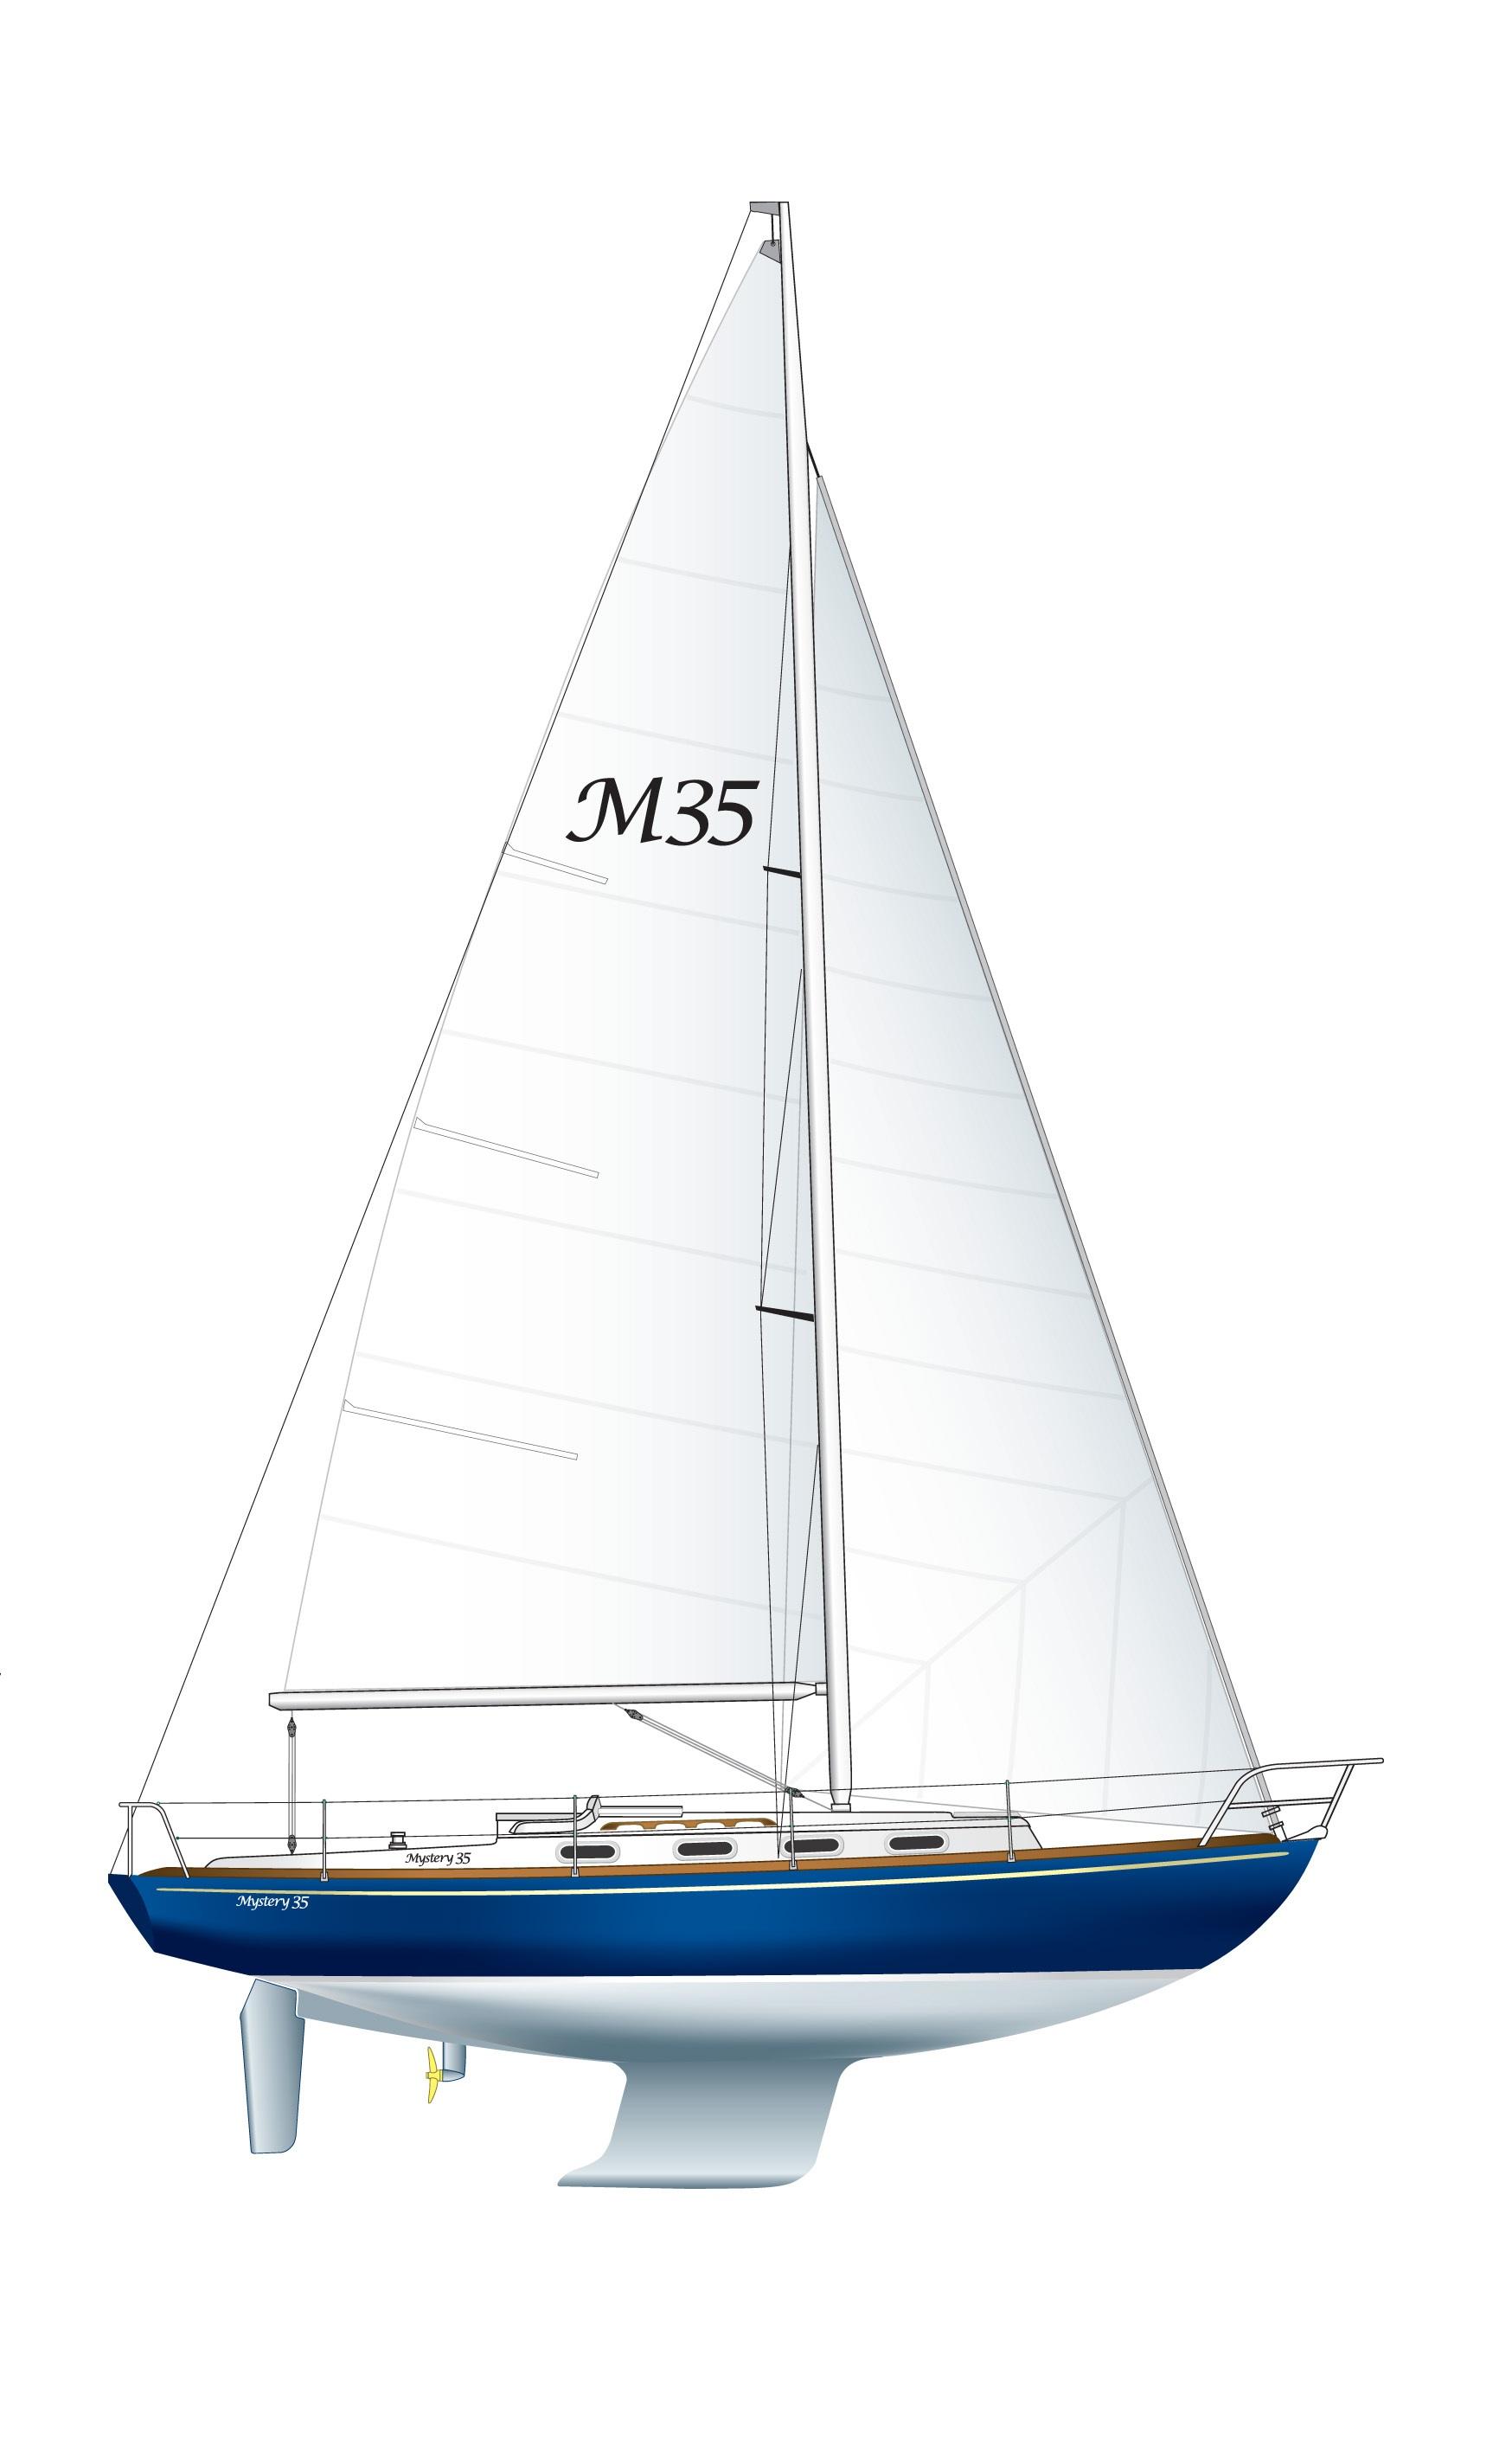 Geheimnis-35-Segel-Plan-09